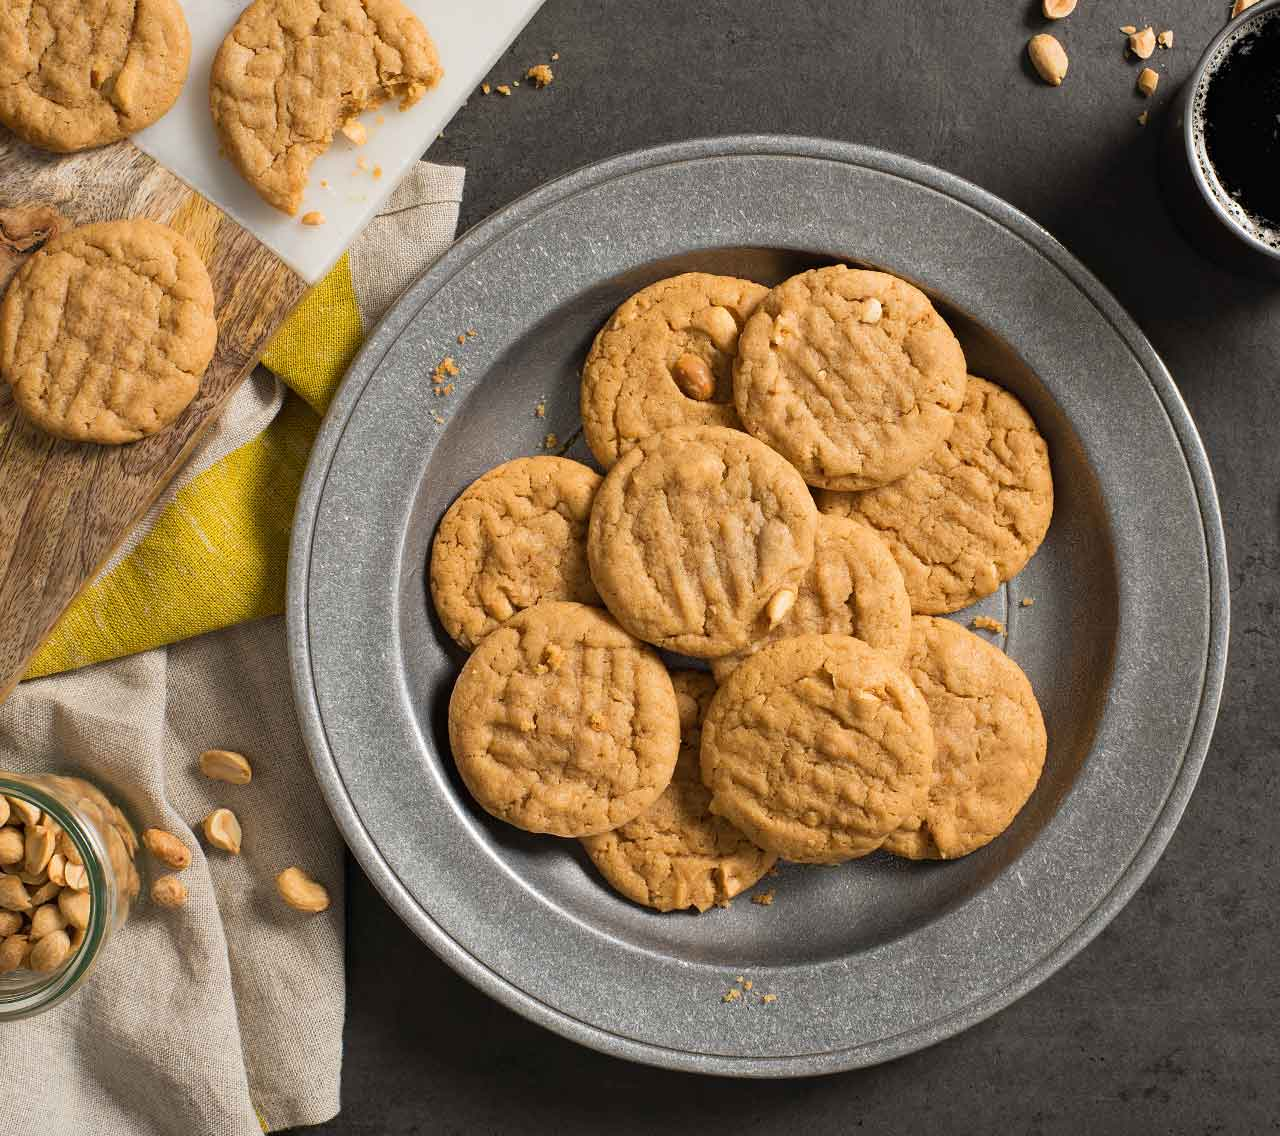 biscuits au beurre d'arachide avec la pâte à biscuits aux